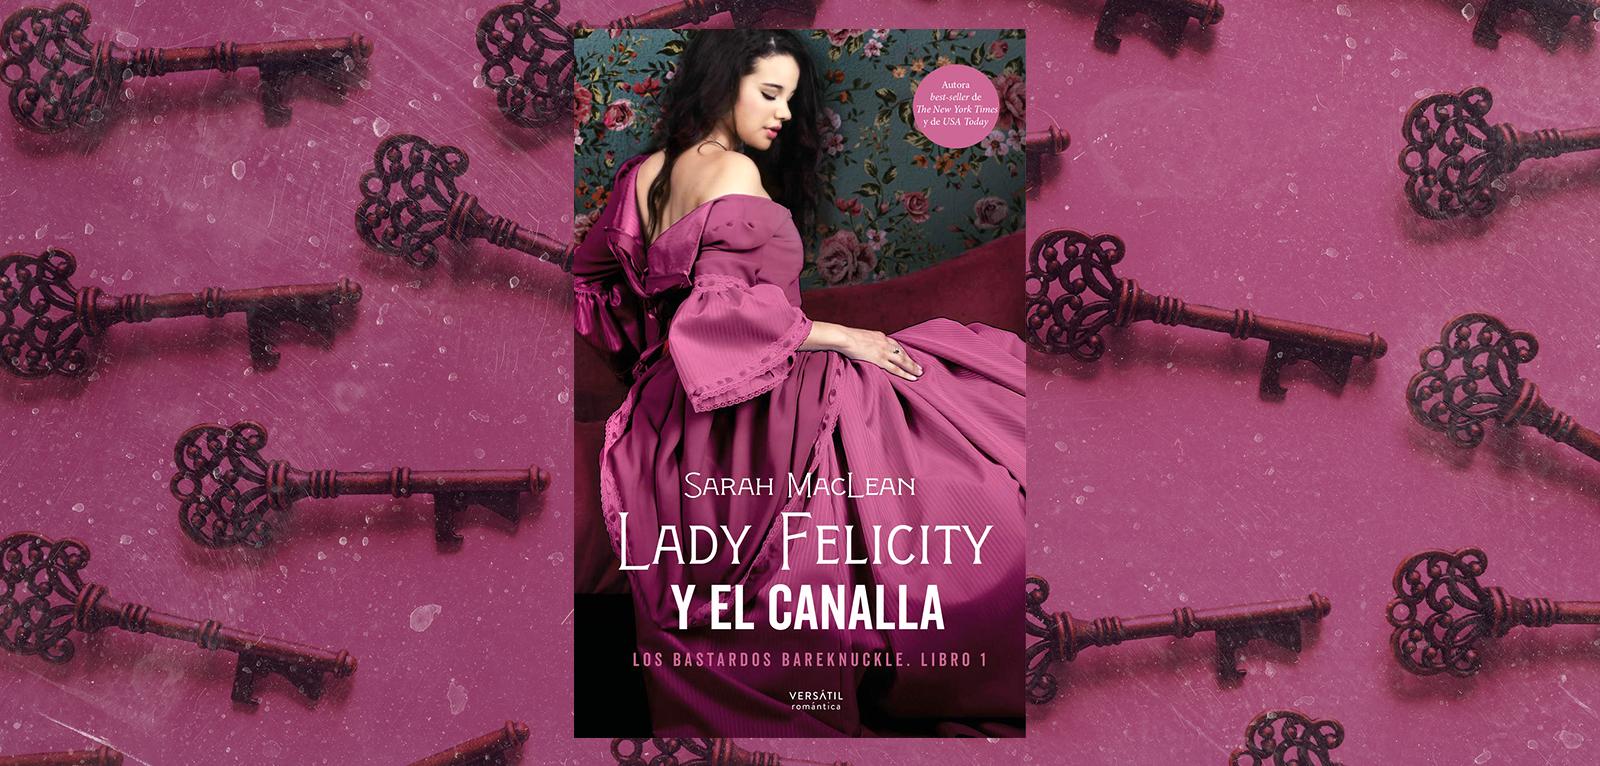 Lady Felicity y el canalla · Sarah MacLean